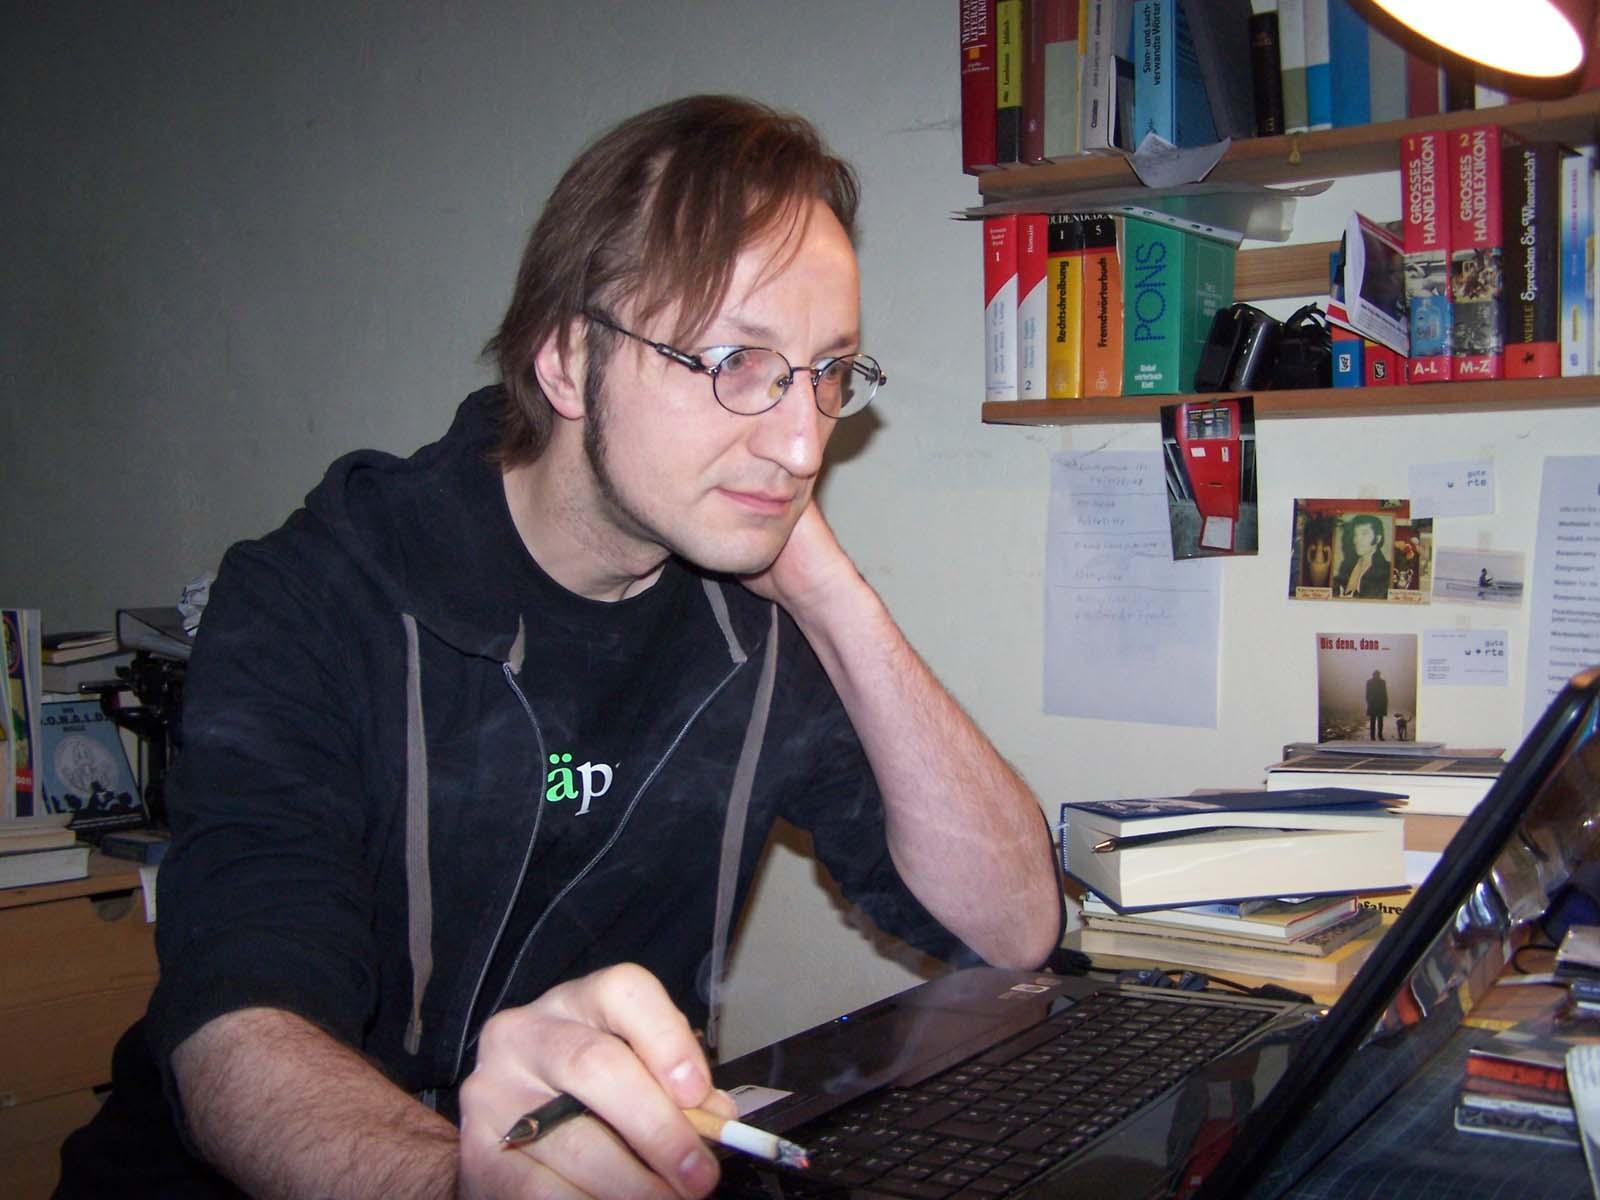 Sehwolf bei der Arbeit, 2009